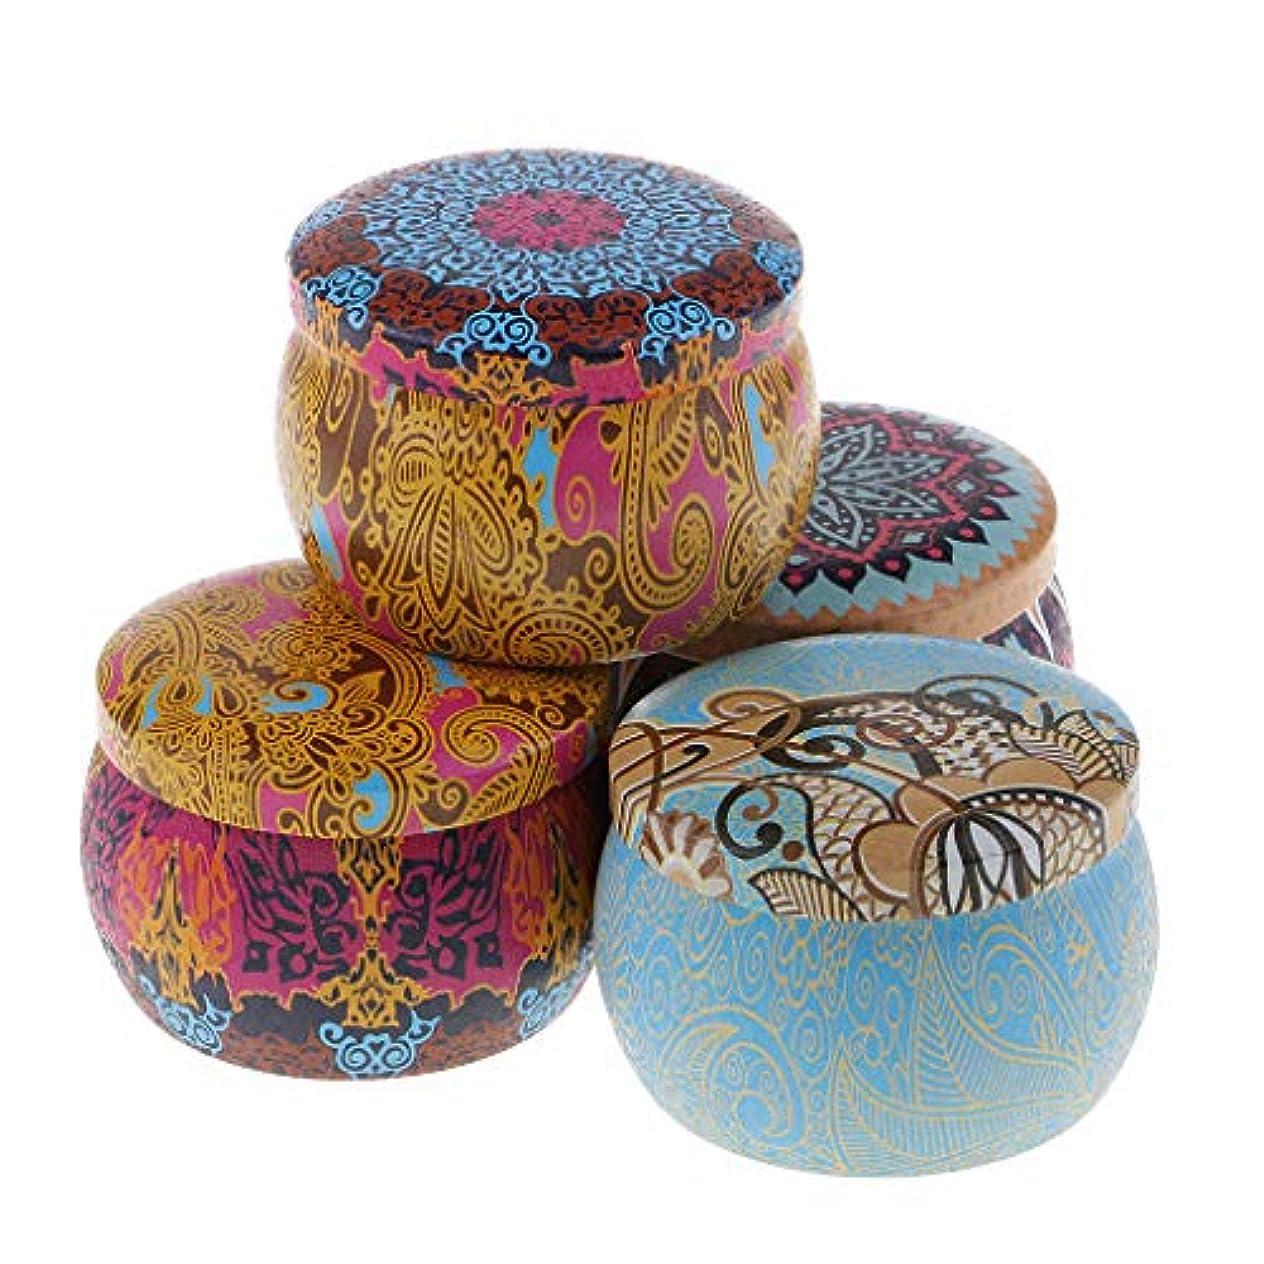 のギャロップ靴D DOLITY 民族風 アロマキャンドル 大豆 4個 贈り物 蝋燭 可愛い外観 癒しの灯り 135g 消臭約24時間